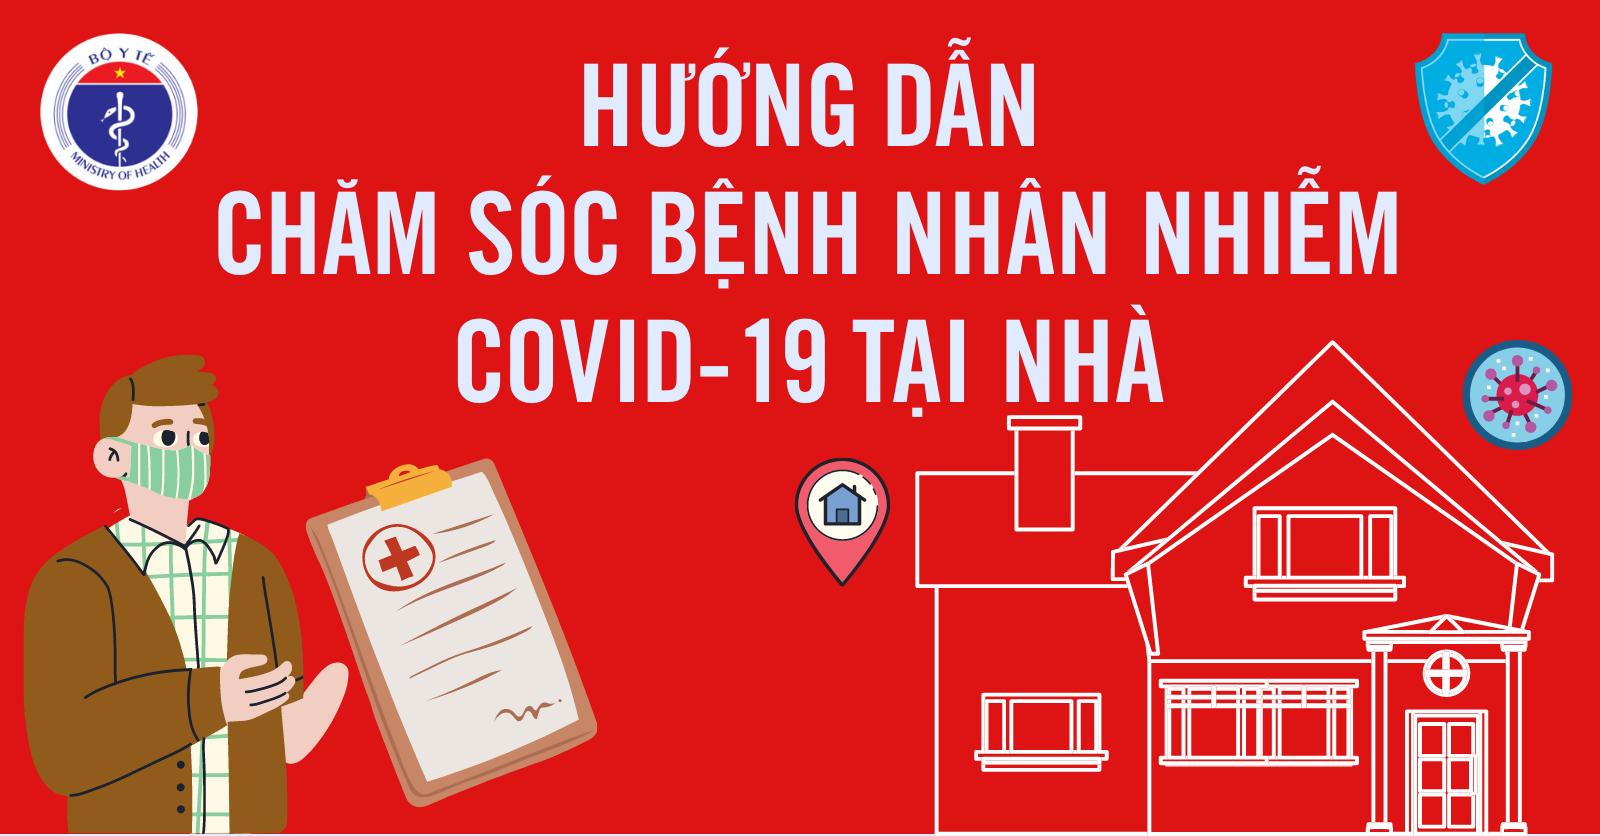 [Infographic] Hướng dẫn chăm sóc bệnh nhân nhiễm Covid-19 tại nhà